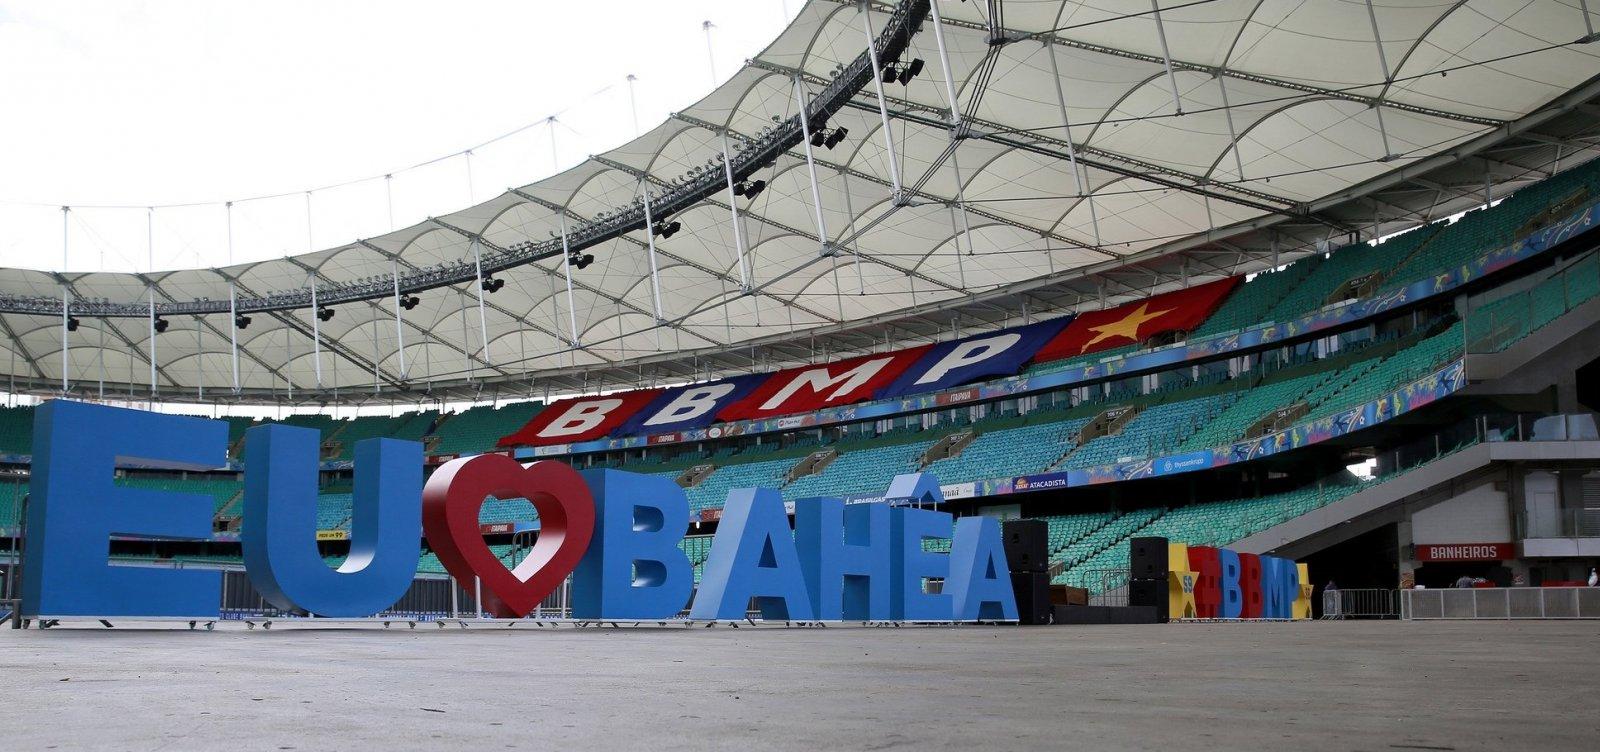 Novo contrato do Bahia com Fonte Nova prevê grama sintética e museu